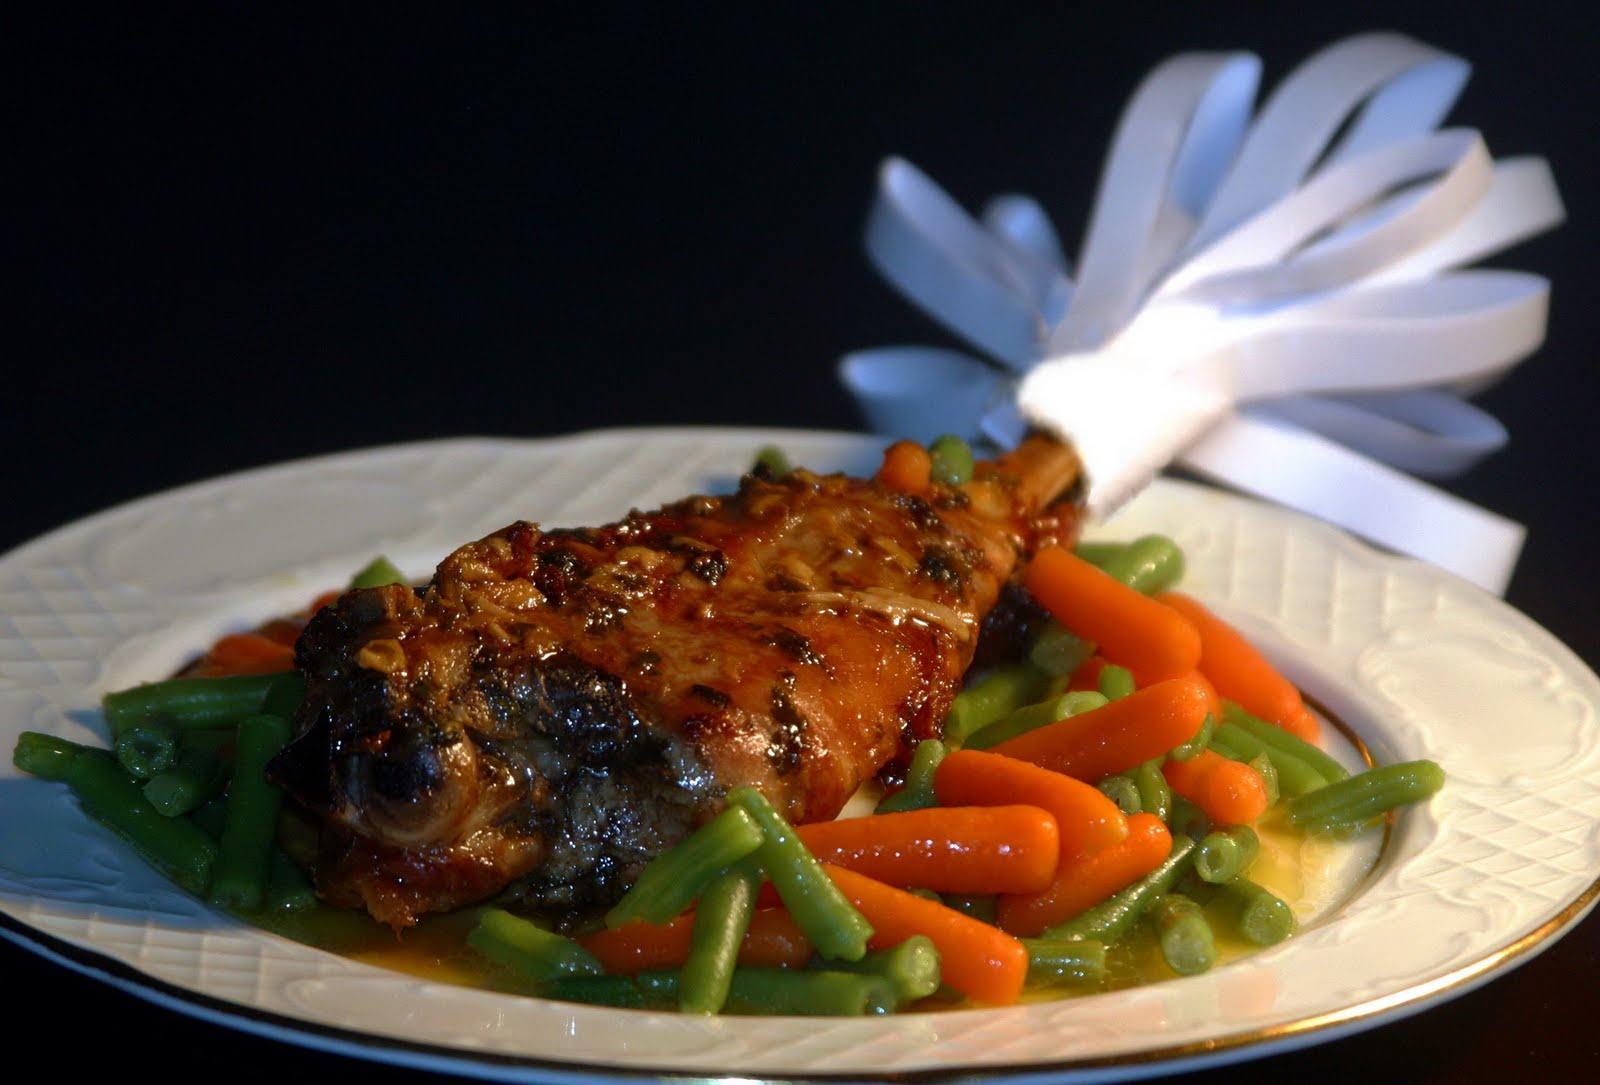 Caroline s creative food - Que preparar en una cena romantica ...